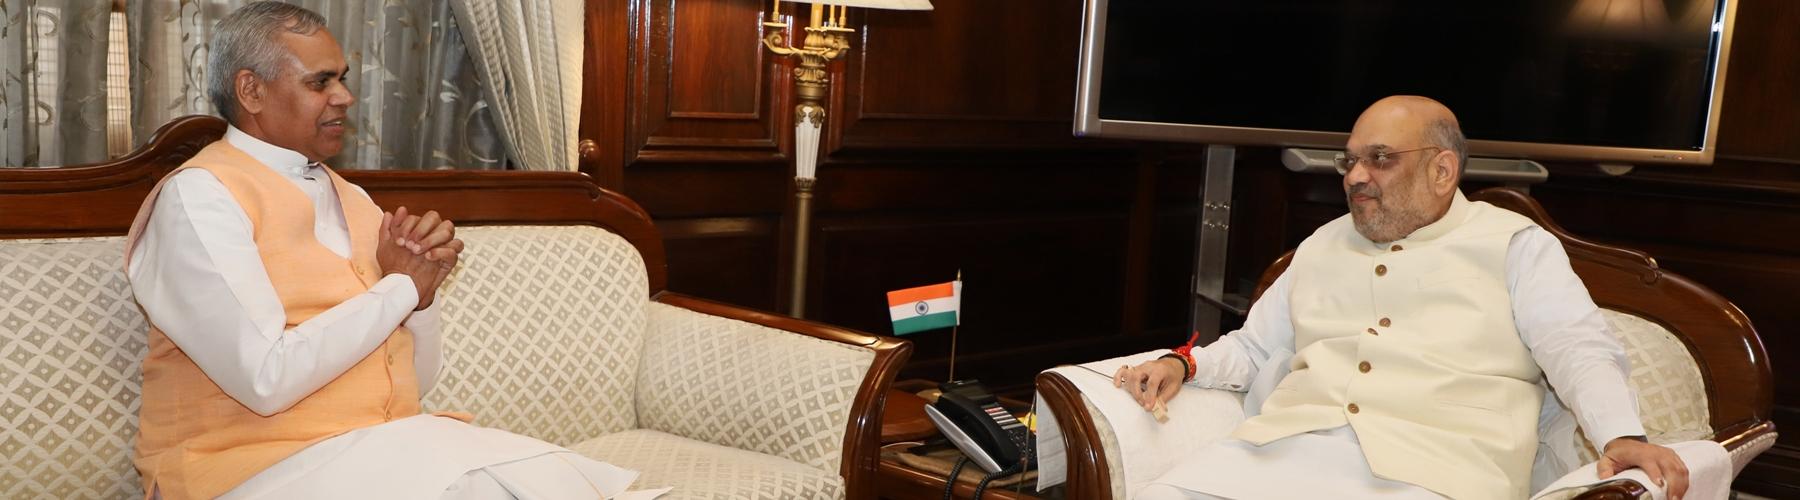 हिमाचल प्रदेश के राज्यपाल श्री आचार्य देव व्रत दिनांक 11 जून 2019 को नई दिल्ली  में केंद्रीय गृह मंत्री श्री अमित शाह से मुलाकात करते हुए